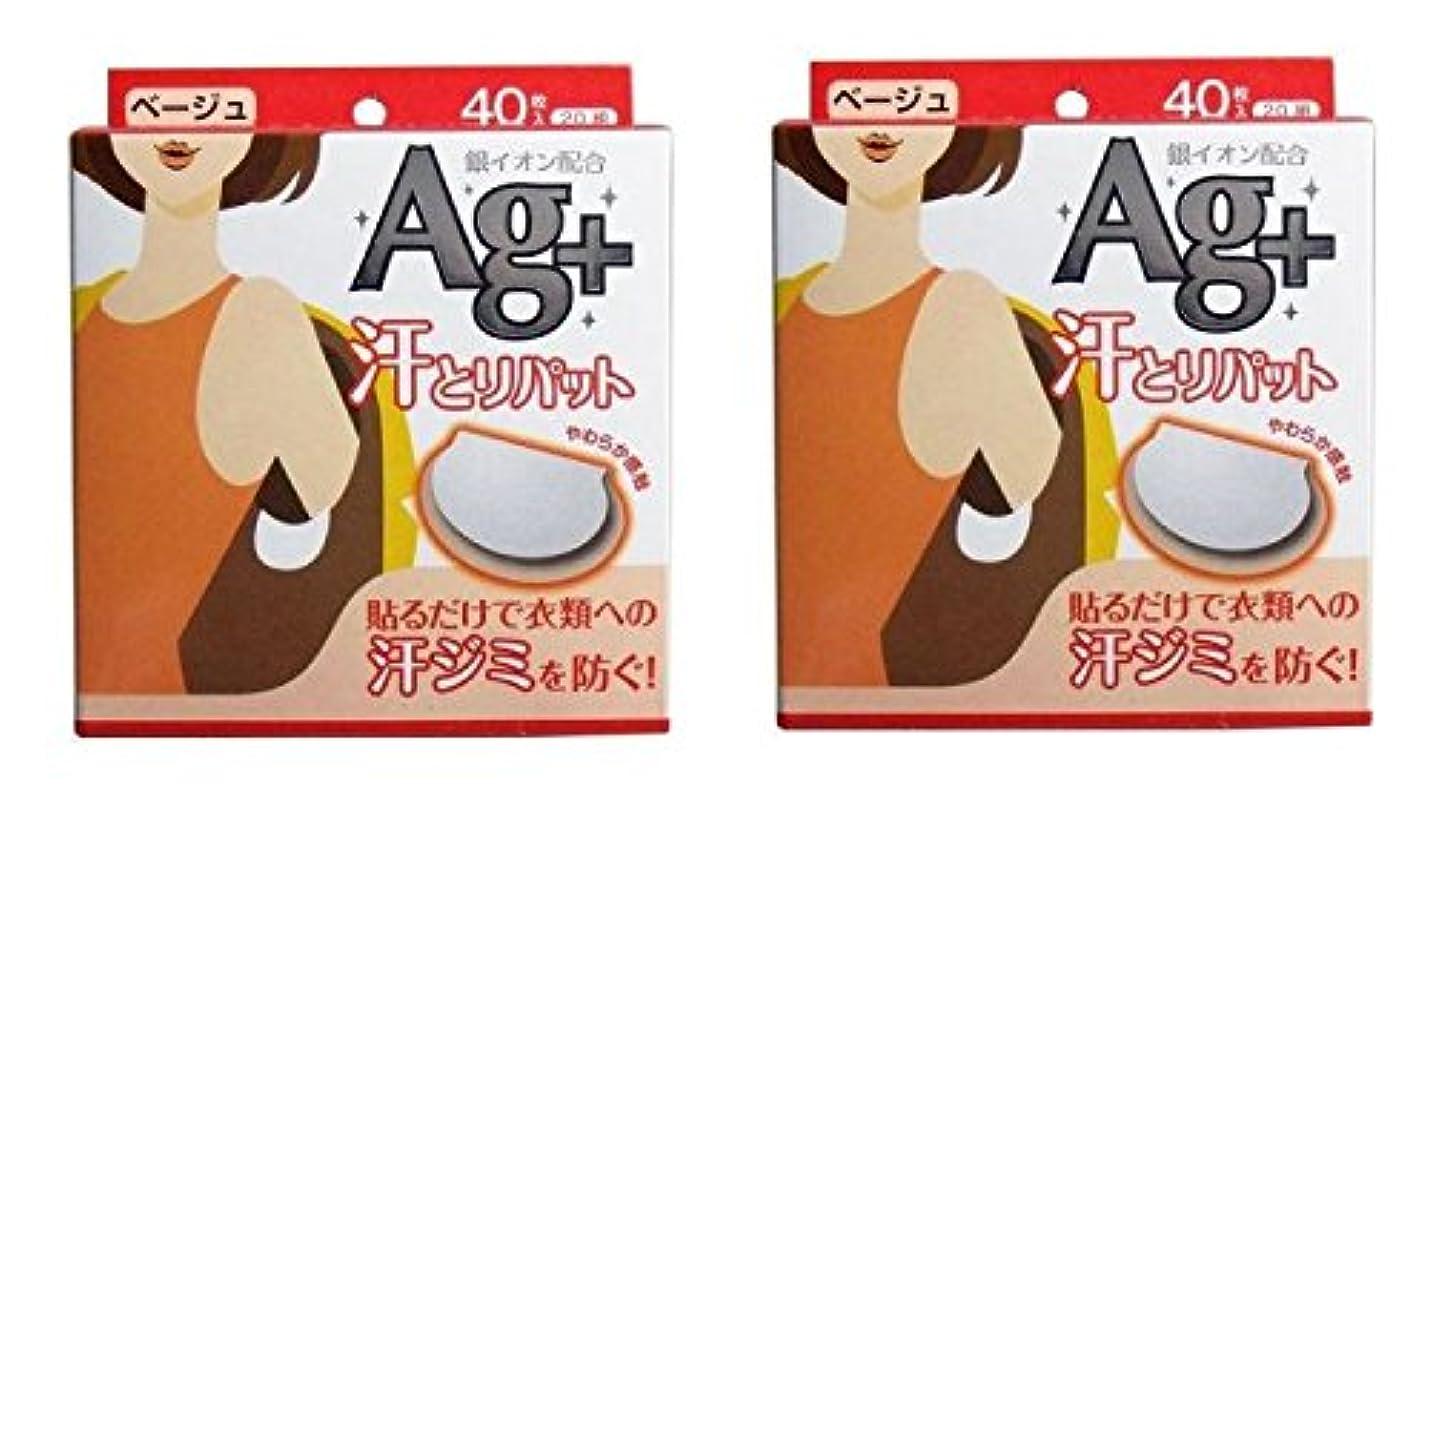 アレルギー性鎮静剤スイング【まとめ買い】コットンラボ 汗とりパット 銀イオン ベージュ 40枚入× 2個